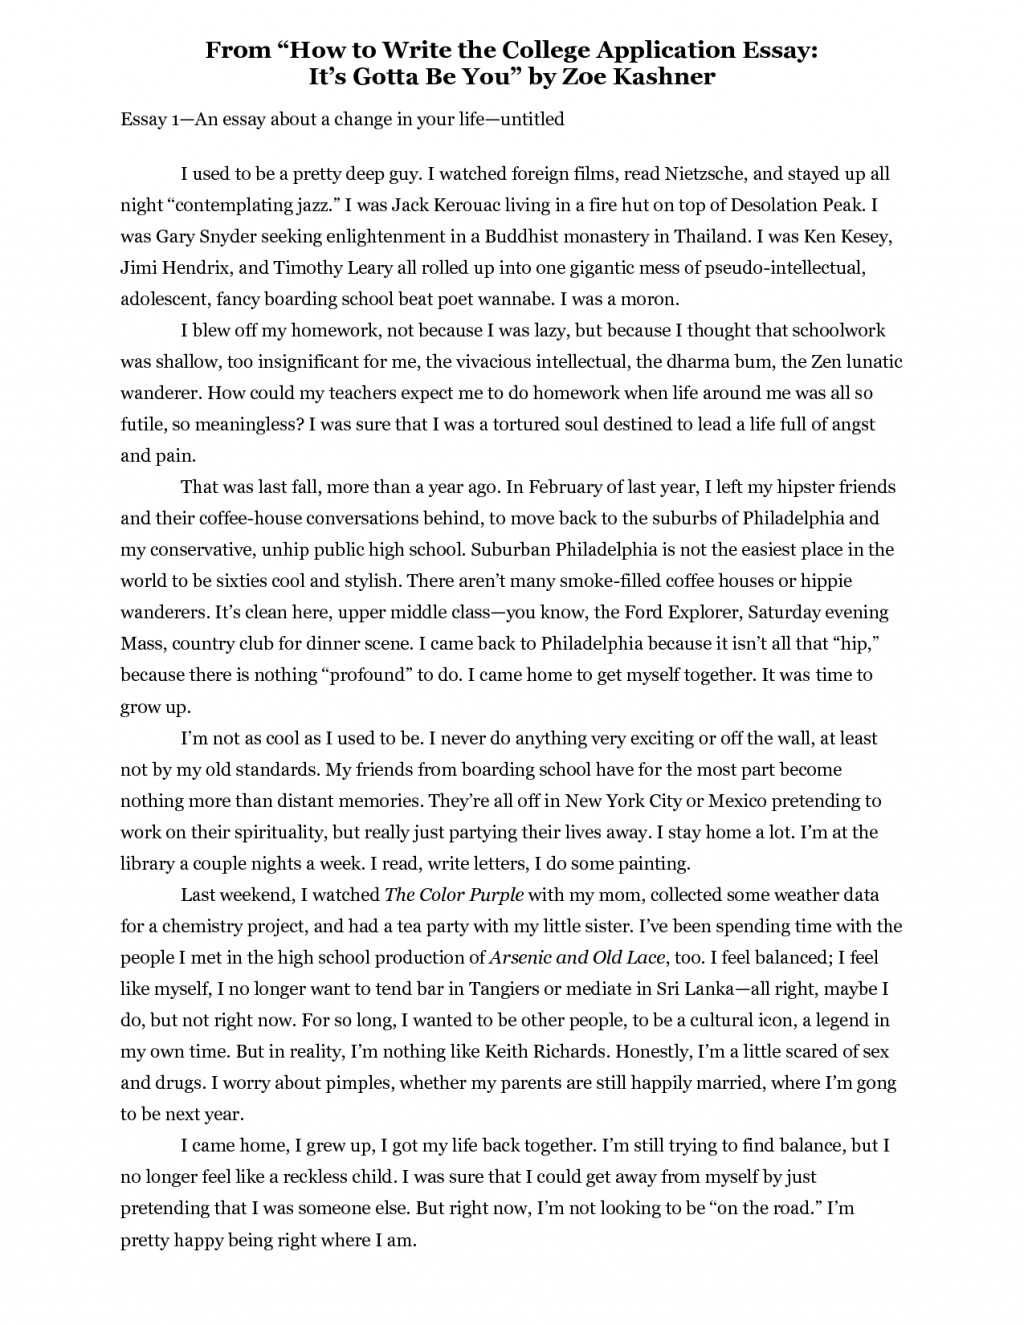 007 Essay Example Oyt5kbffja Leadership Striking Essays Mba Samples Pdf Large